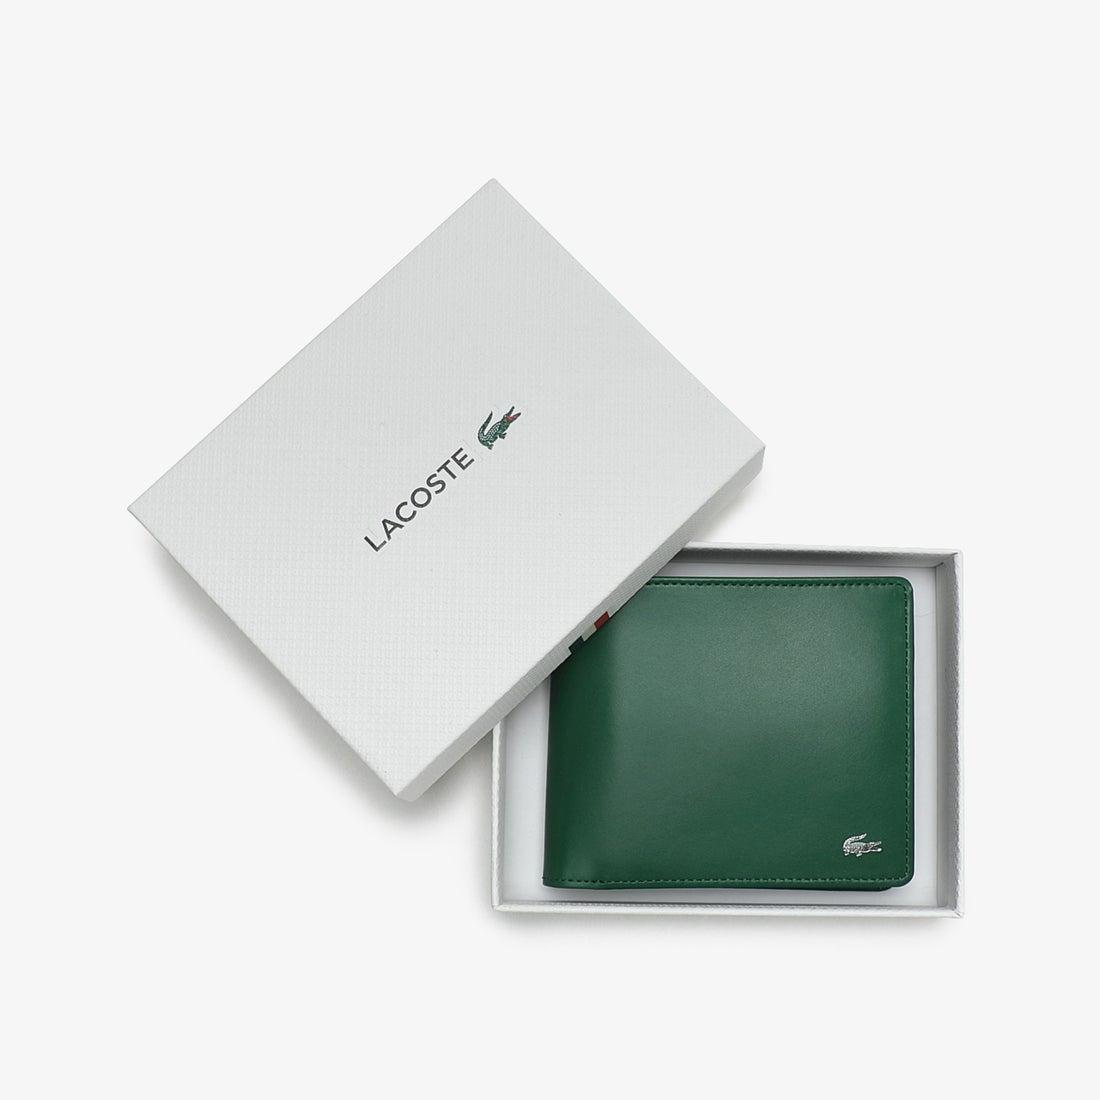 ffbe14ceaa77 ラコステ(LACOSTE) メンズ二つ折り財布 | 通販・人気ランキング - 価格.com